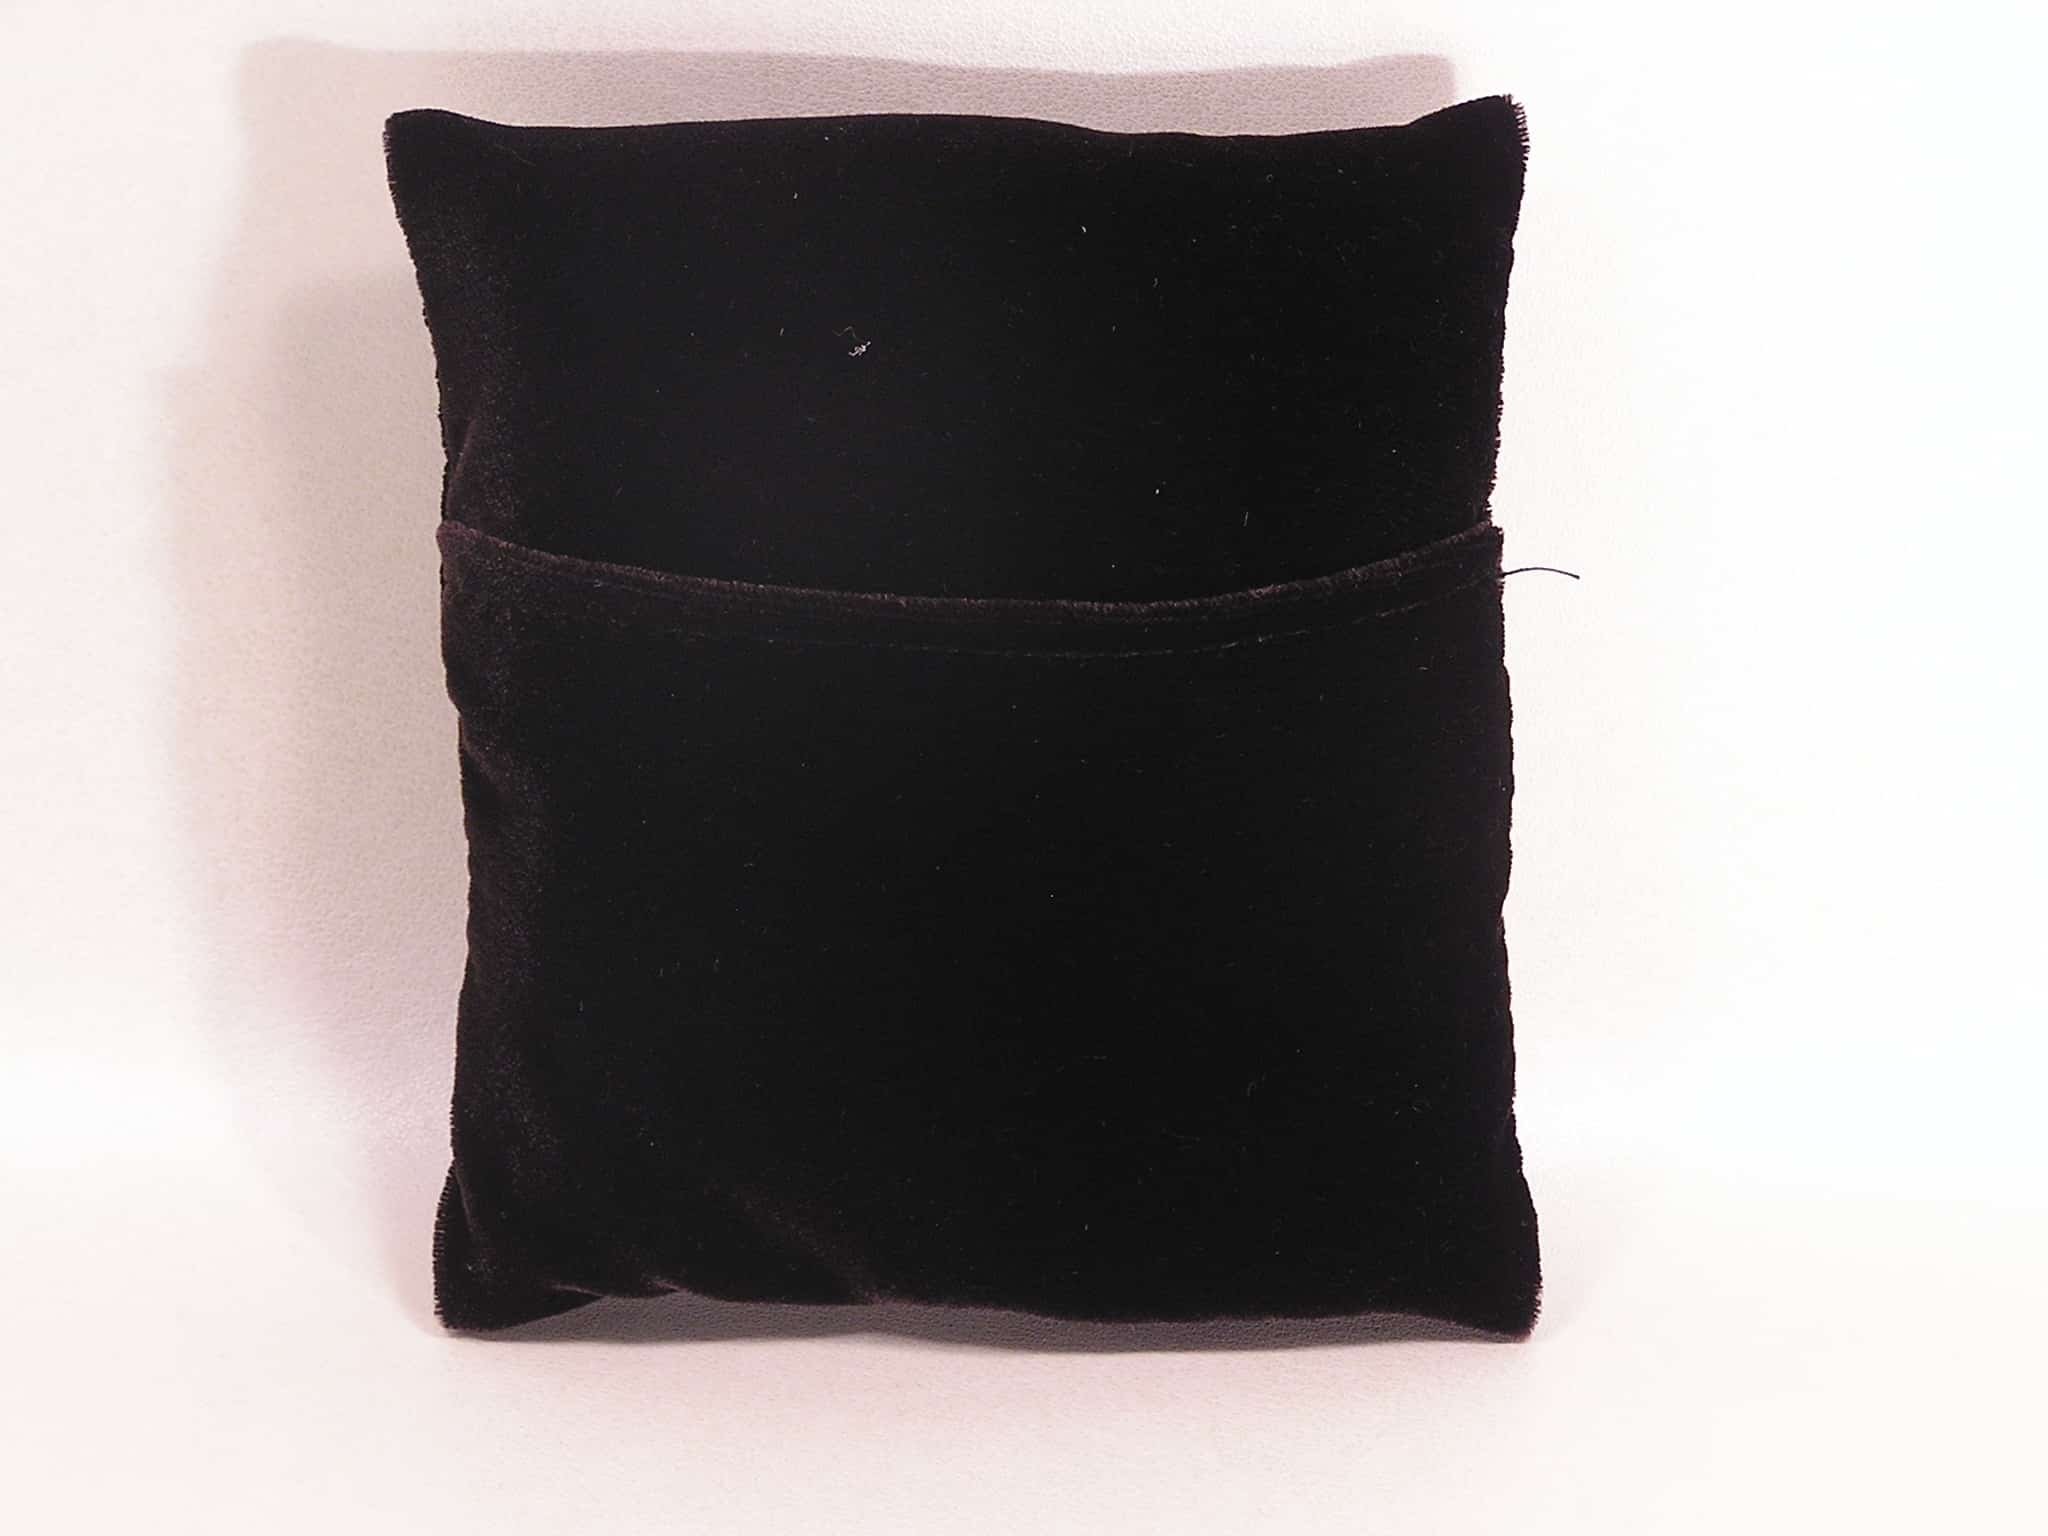 velvet bag insert cushion